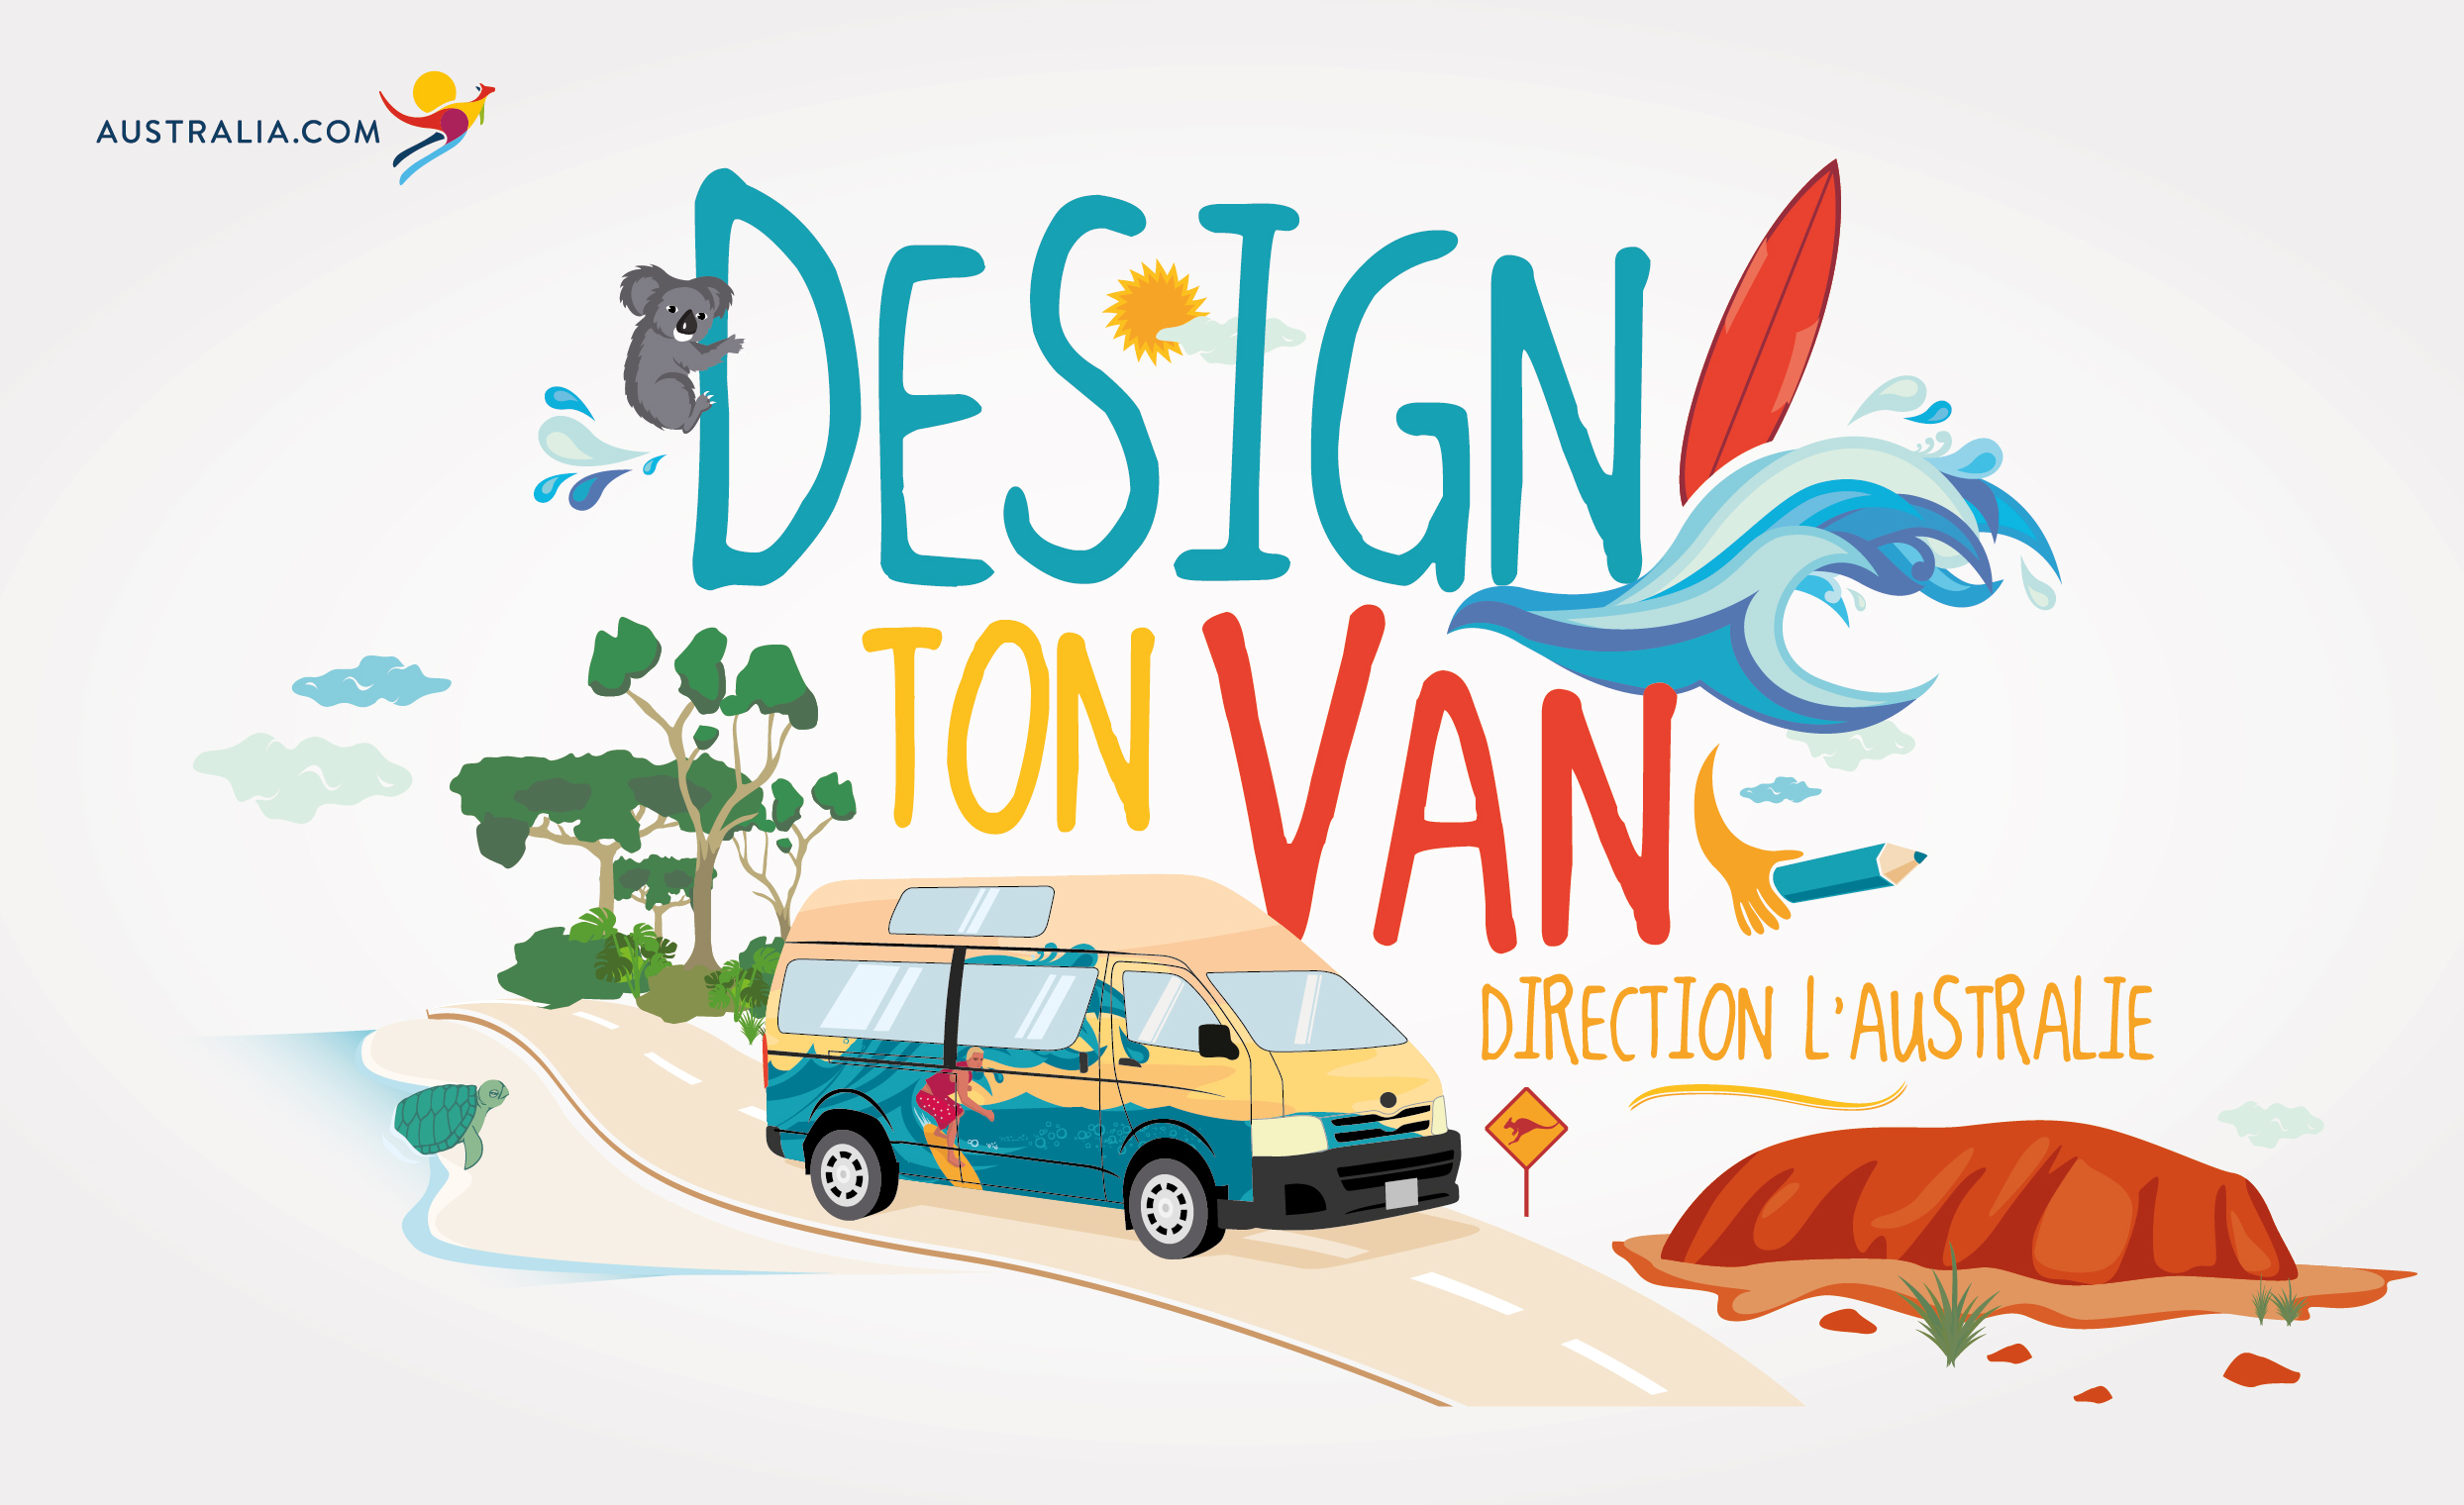 Design ton van un road trip en australie gagner - Office tourisme australie ...